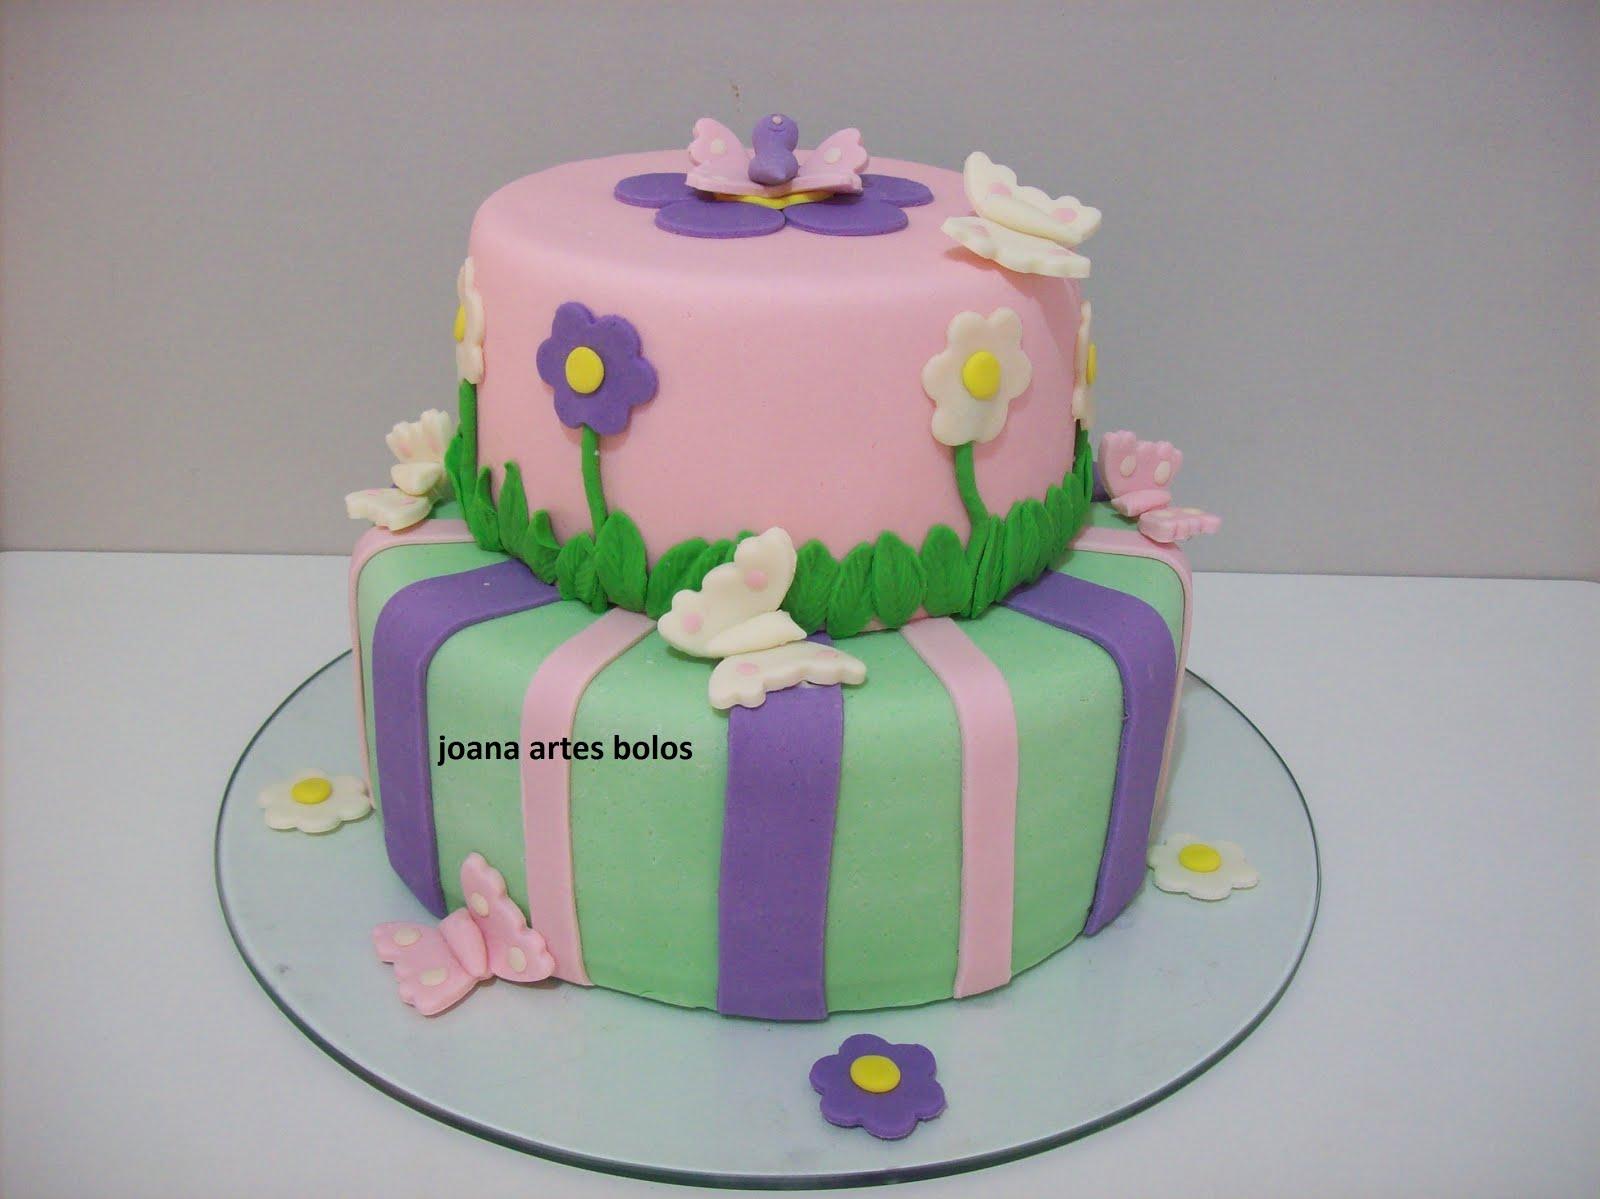 MG) 3433124684 bolo,maças e pirulitos decorados jardim encantado